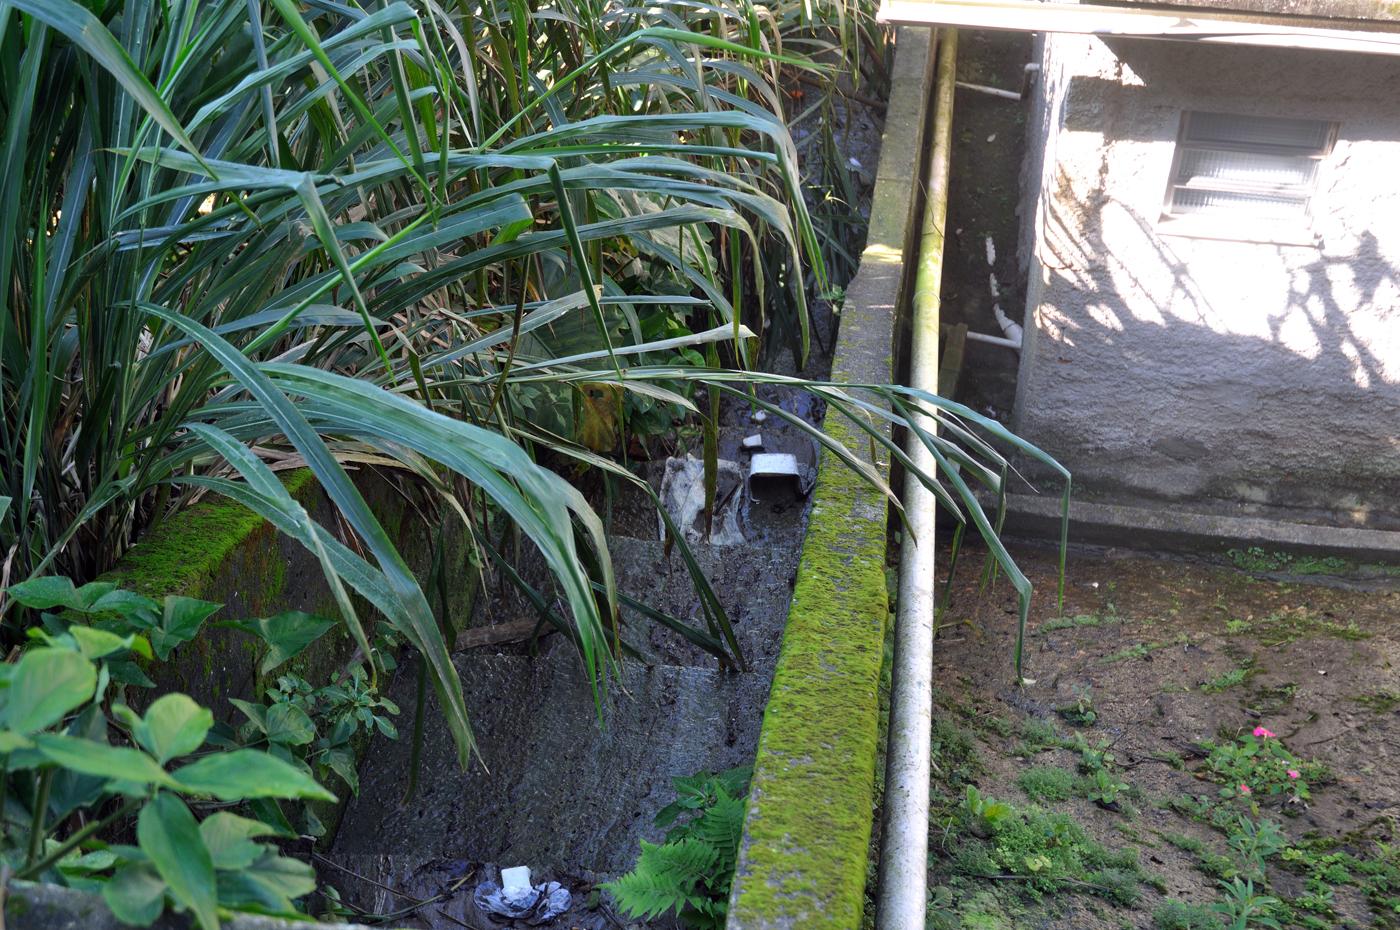 Oft fließen die Abwässer in offenen Gräben zu Tal. (Bild: Andreas Lerg)